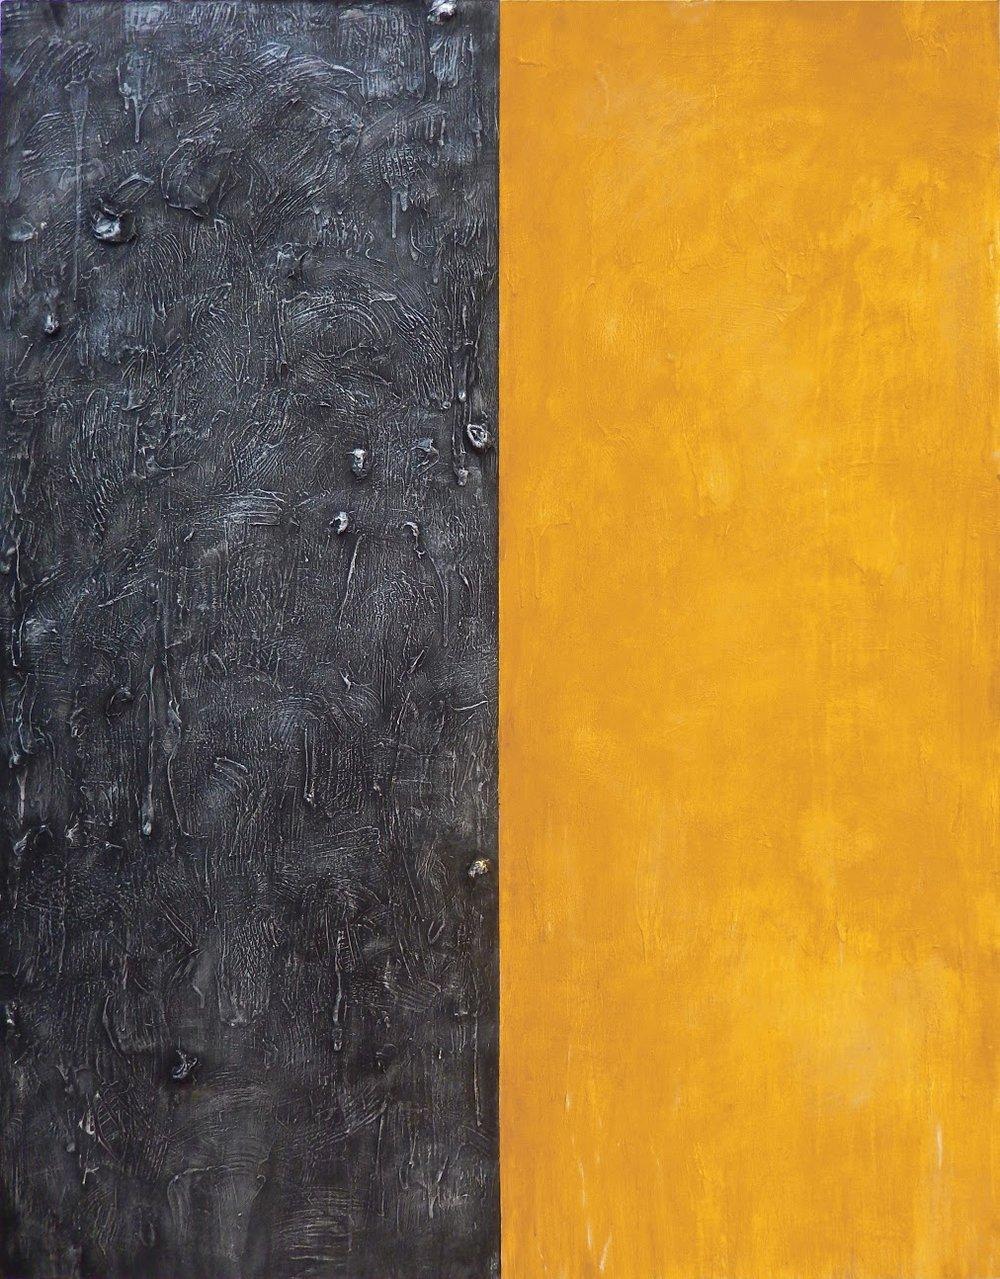 Diversity IV (60 x 46)